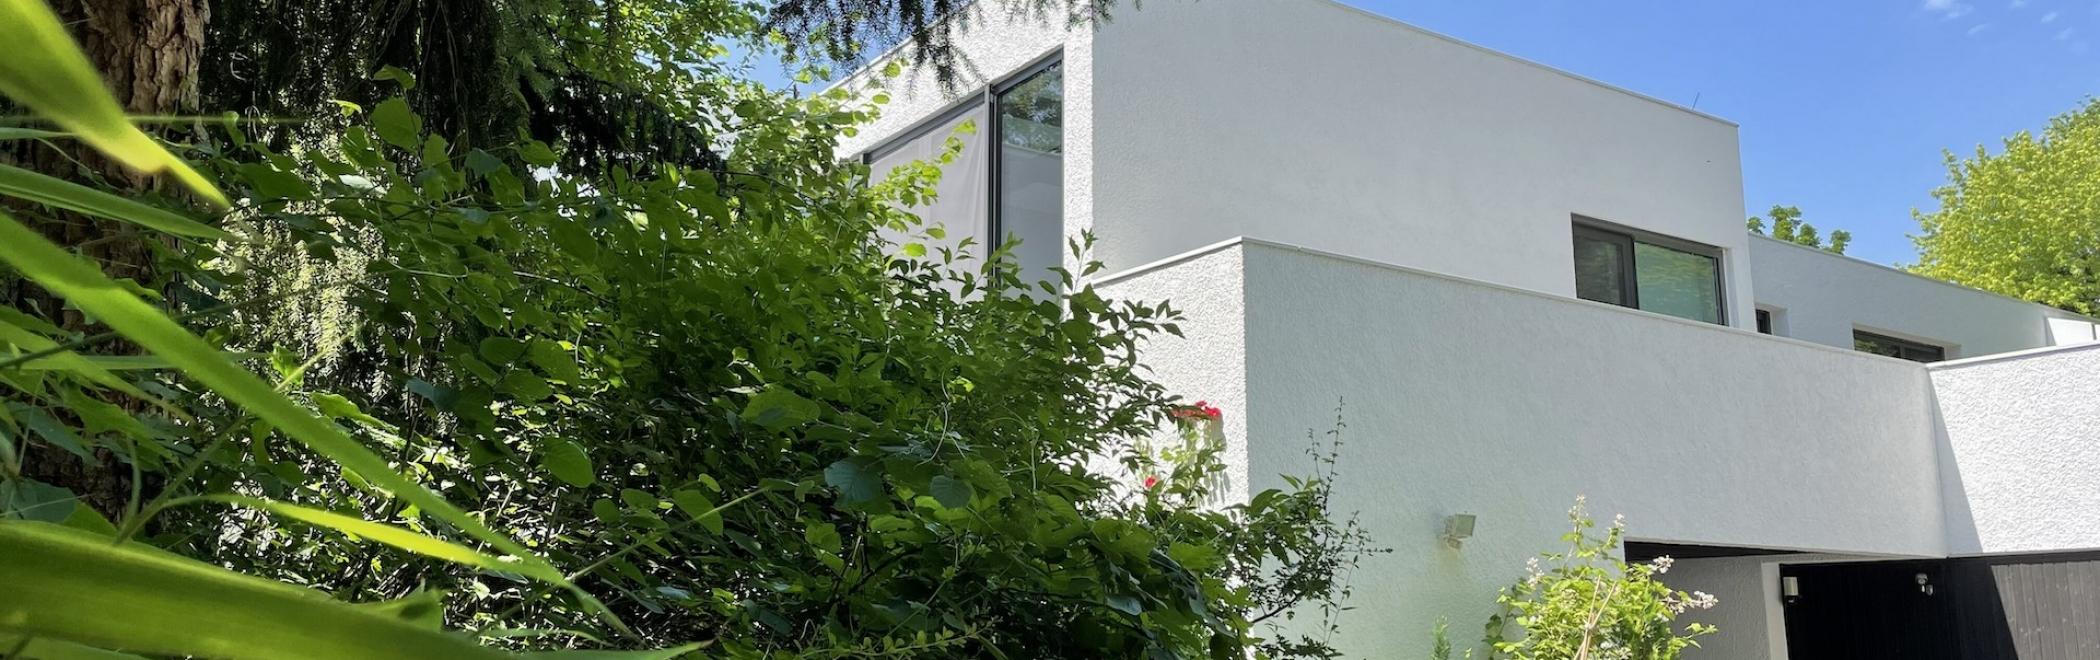 HI Rodelberg Ansicht Eingangsbereich nah